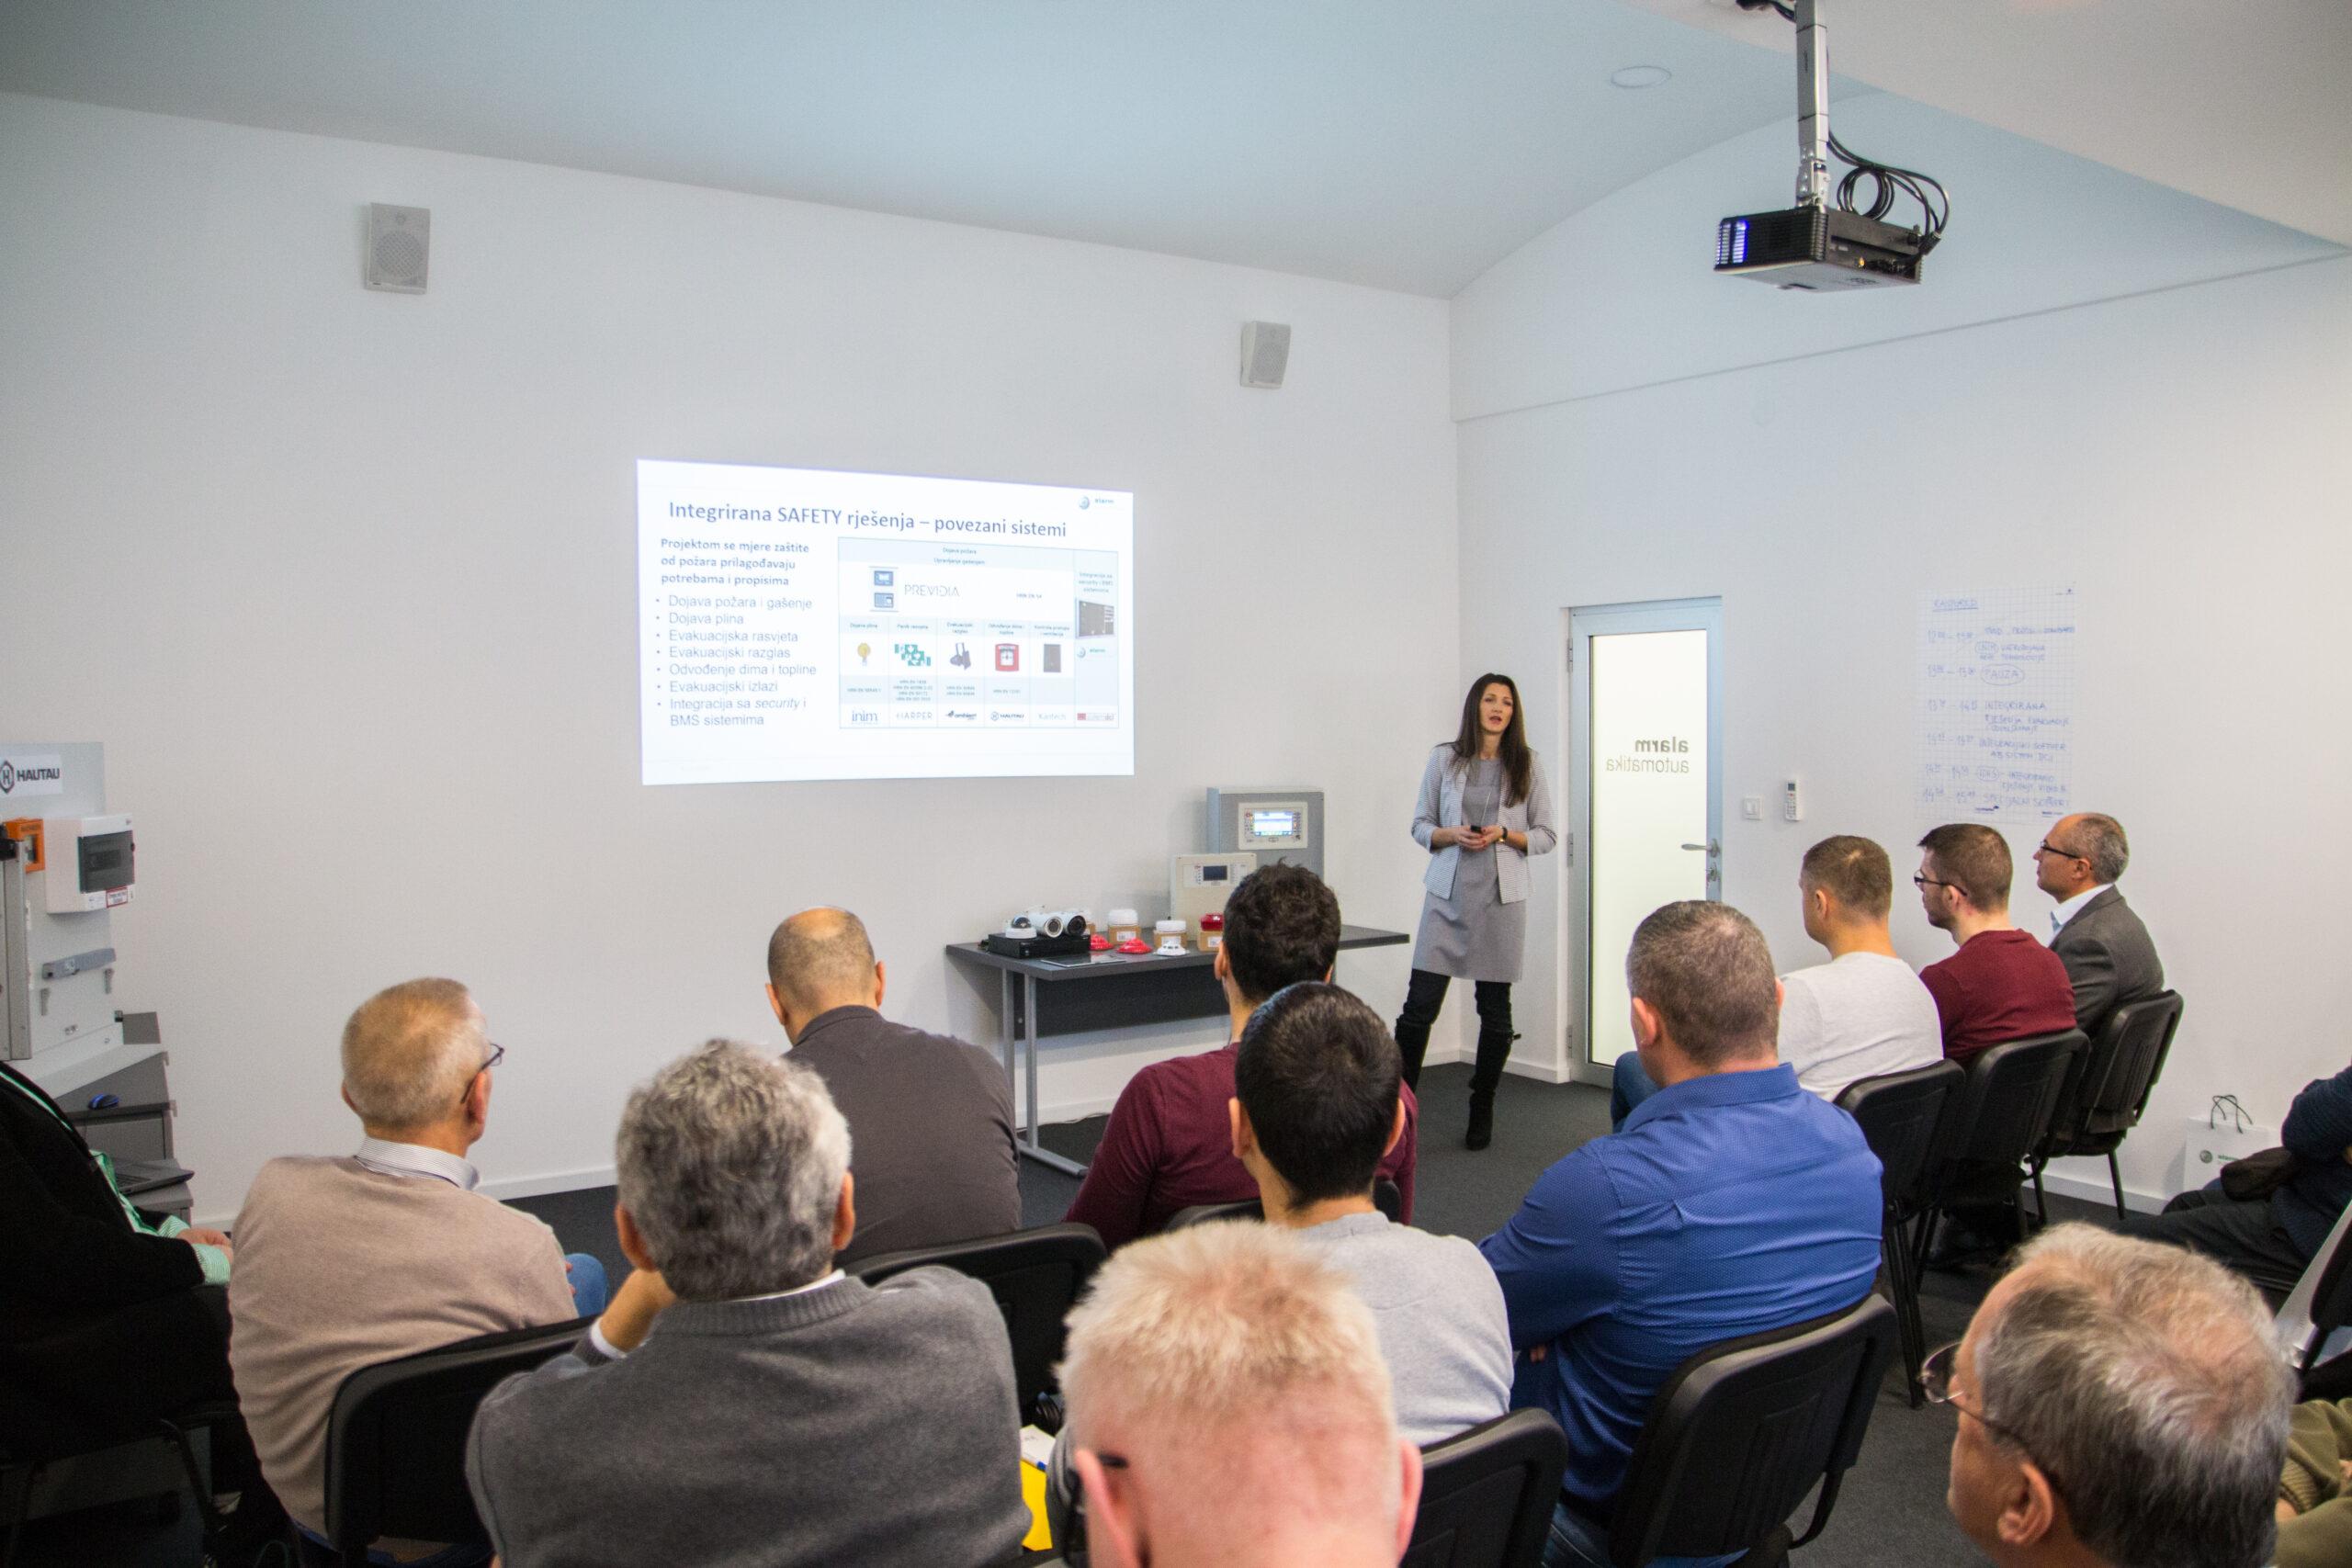 Safety rješenja seminar Sarajevo